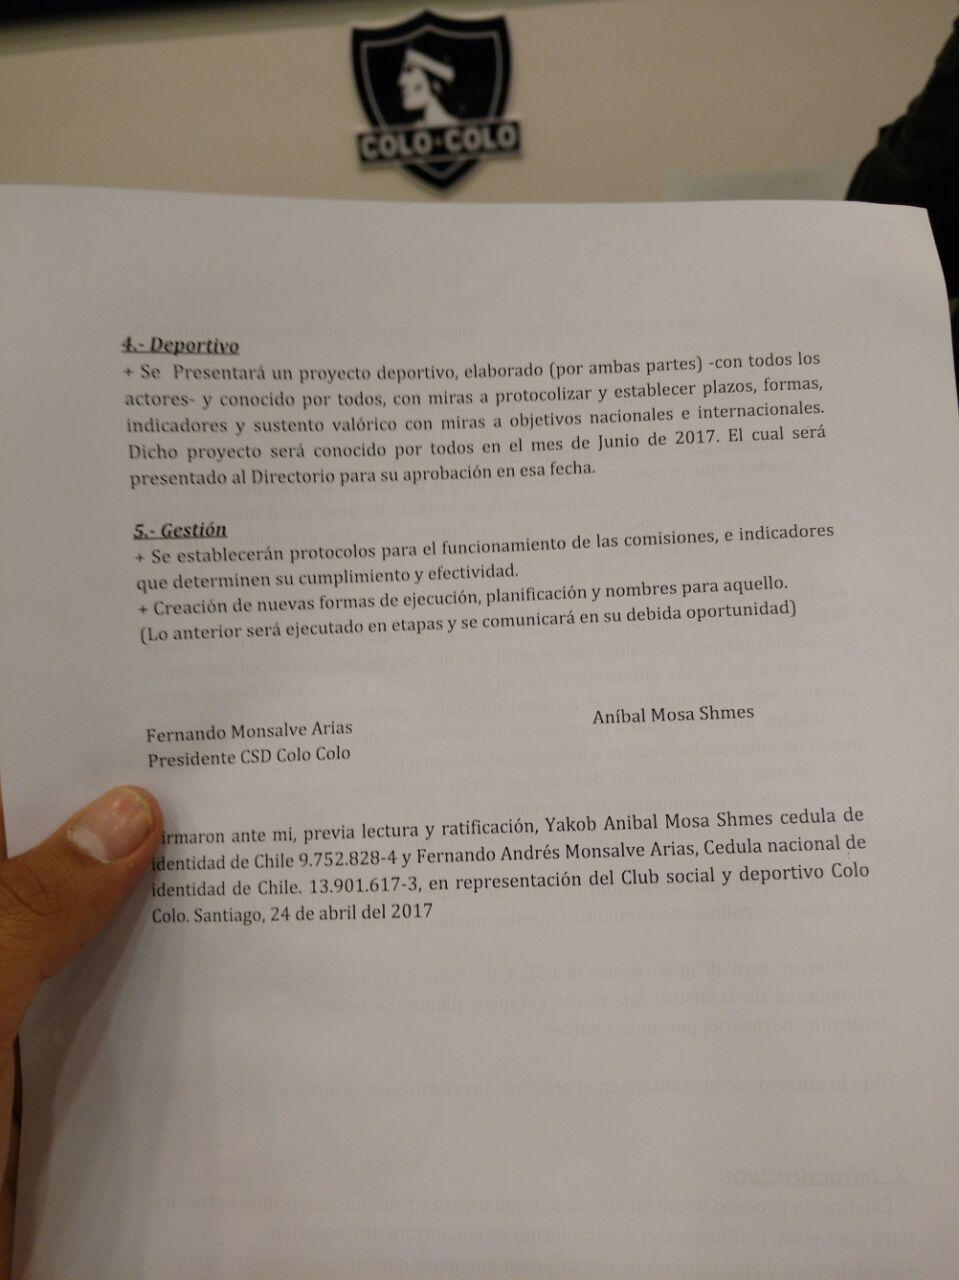 Los acuerdos firmados entre Mosa y el Club Social y Deportivo Blanco y Negro / imagen: Pedro Marín Roldán